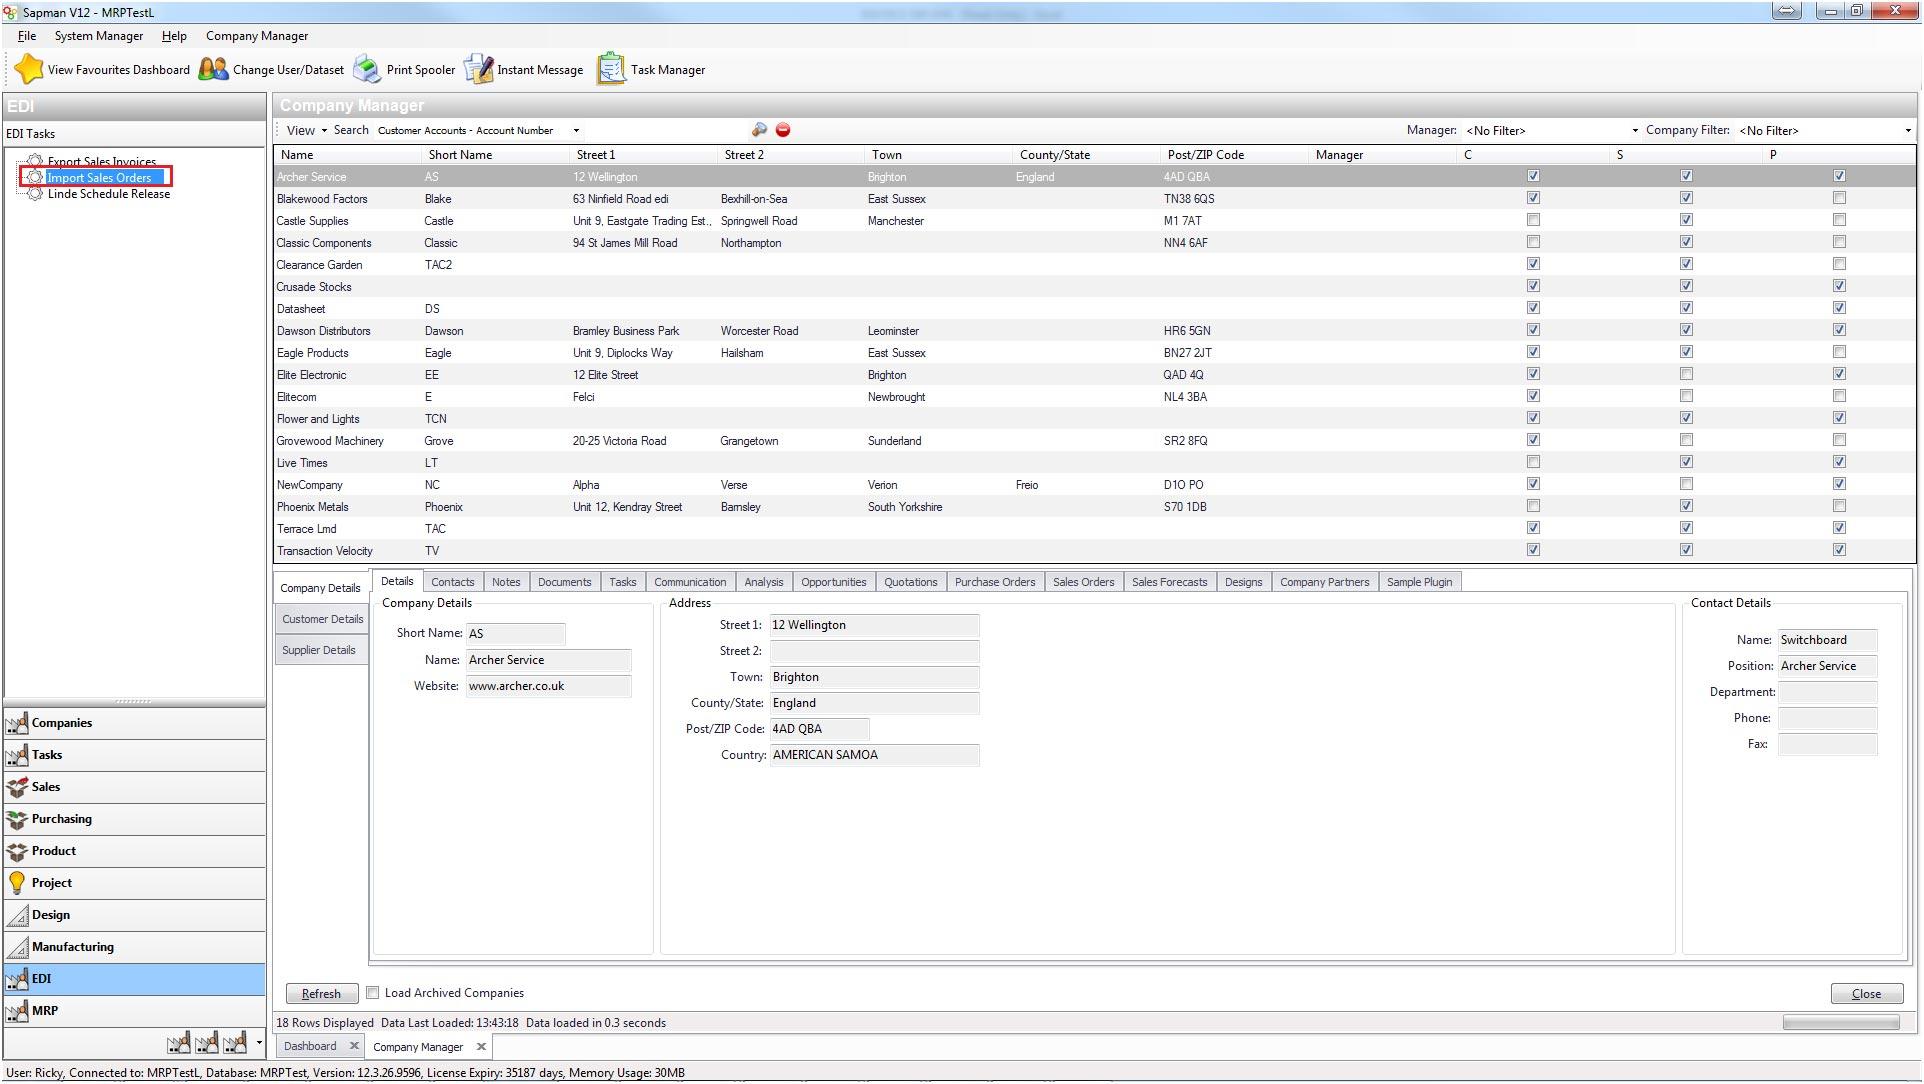 Sapman v12 Export Orders screen